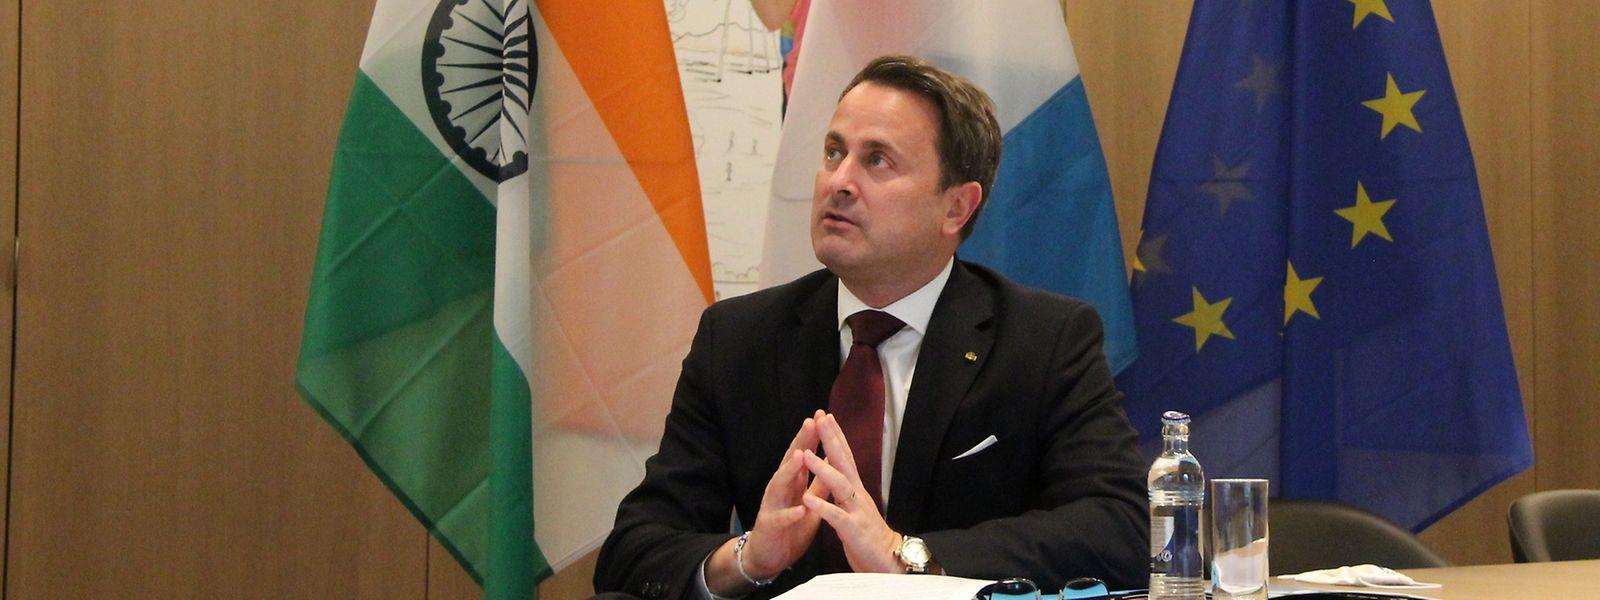 """L'entretien entre les deux Premiers ministres a constitué """"la première réunion officielle au sommet entre l'Inde et le Luxembourg en deux décennies""""."""